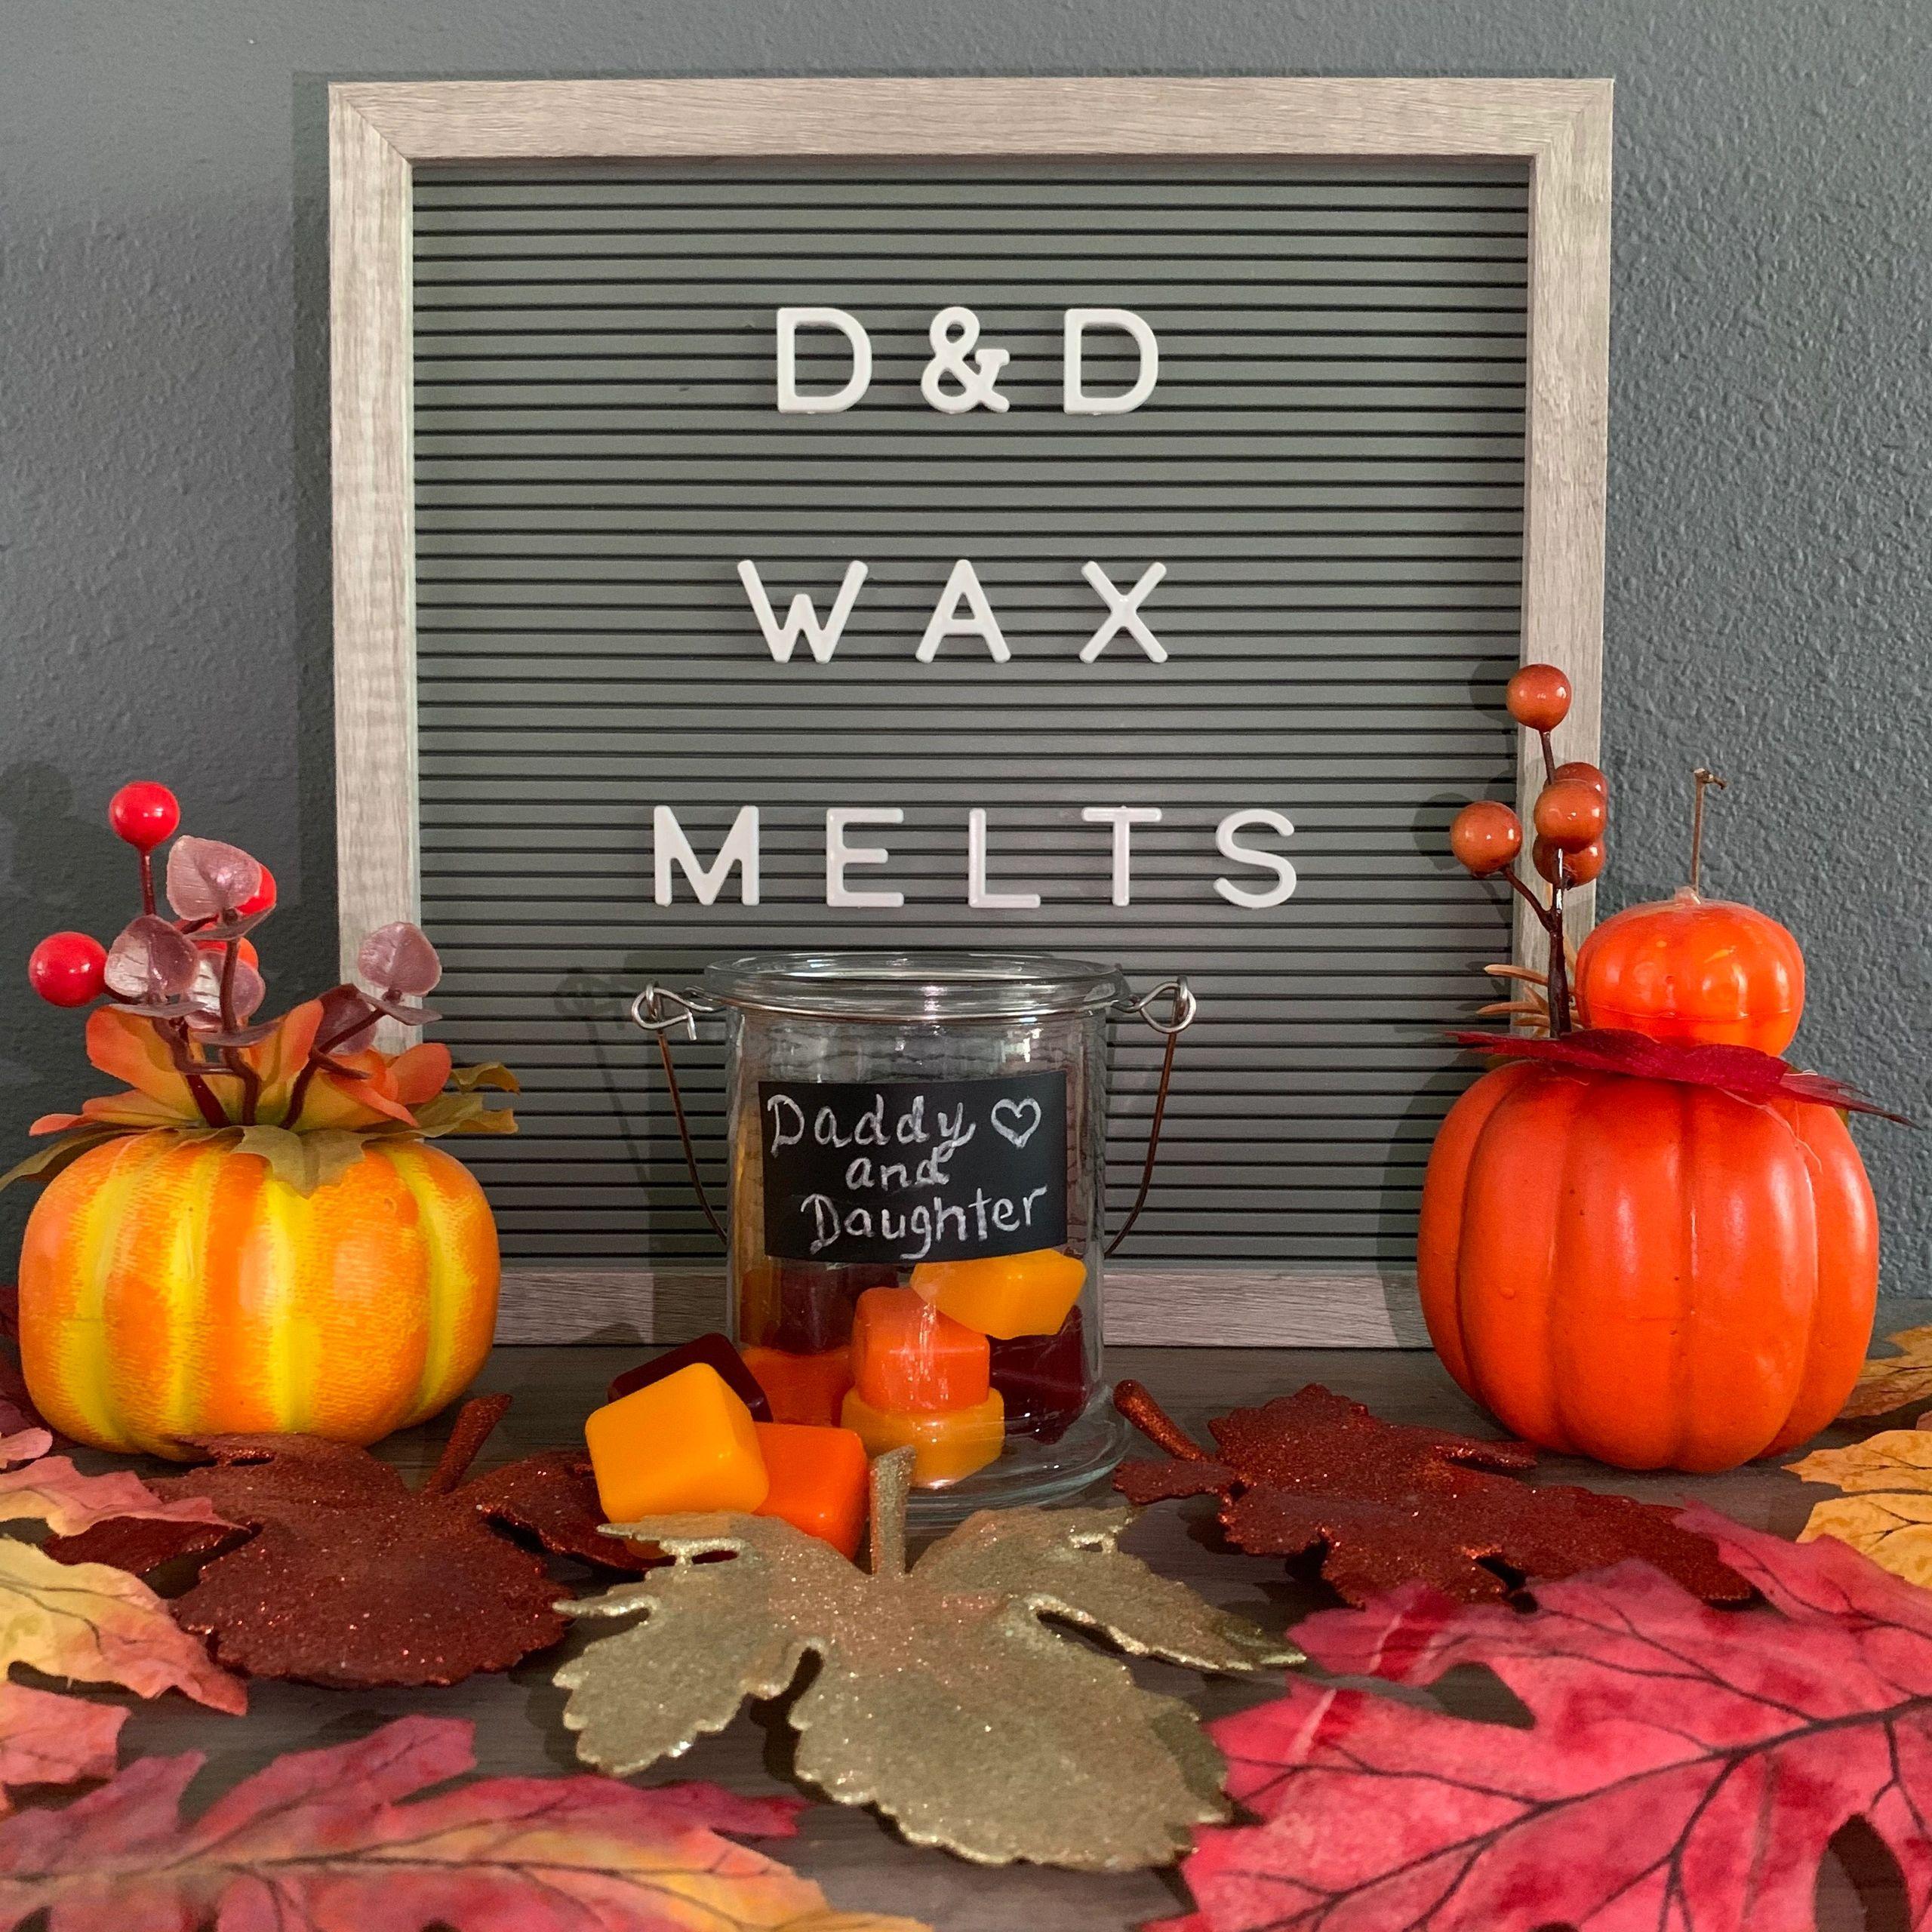 Miss D wax melts